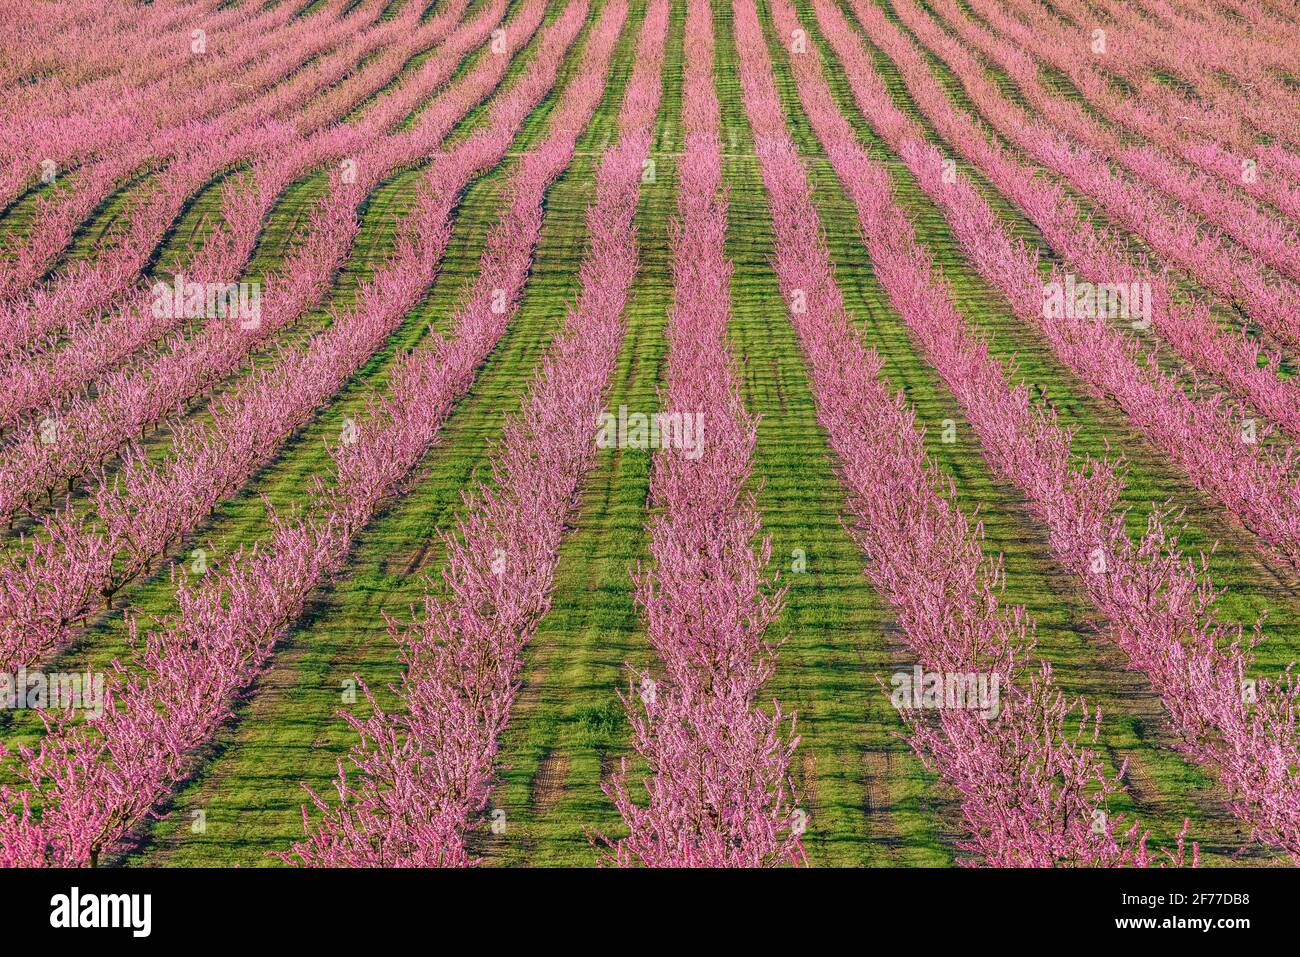 Florece árboles frutales (melocotones) en campos cercanos al pueblo de Sunyer en primavera (Lleida, Cataluña, España) ESP: floración en los campos de árboles frutales Foto de stock